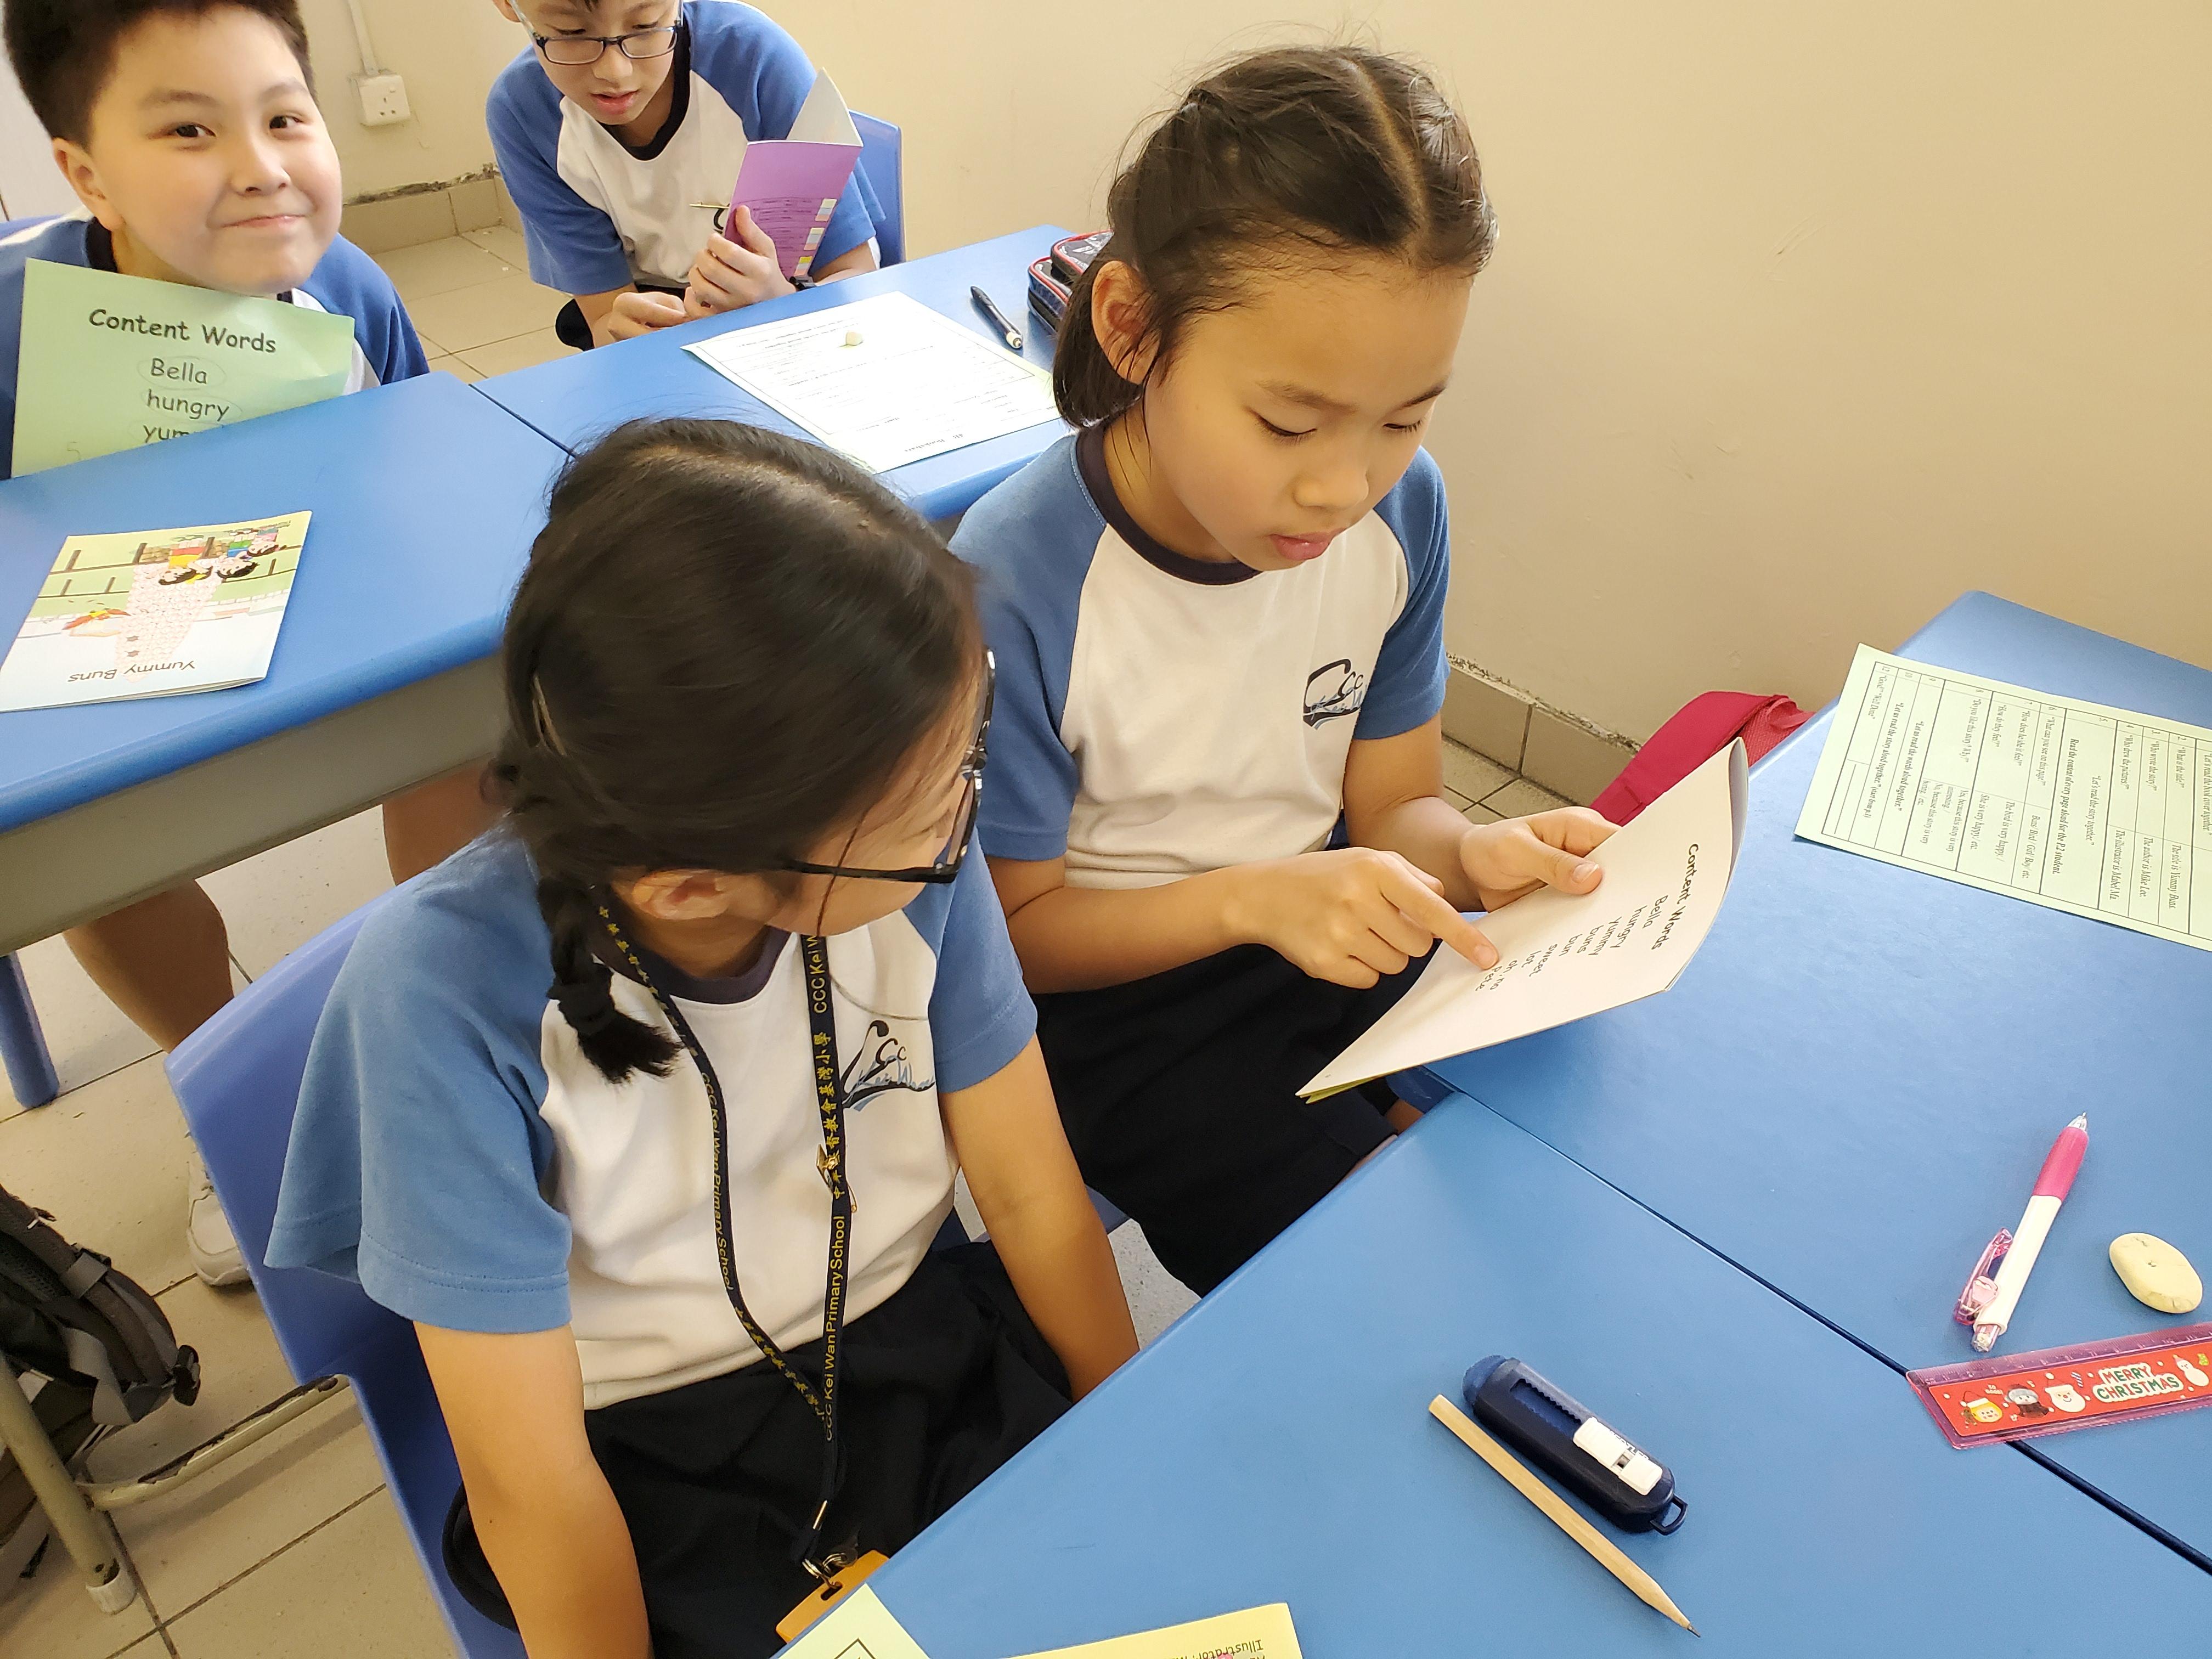 http://www.keiwan.edu.hk/sites/default/files/24_1.jpg